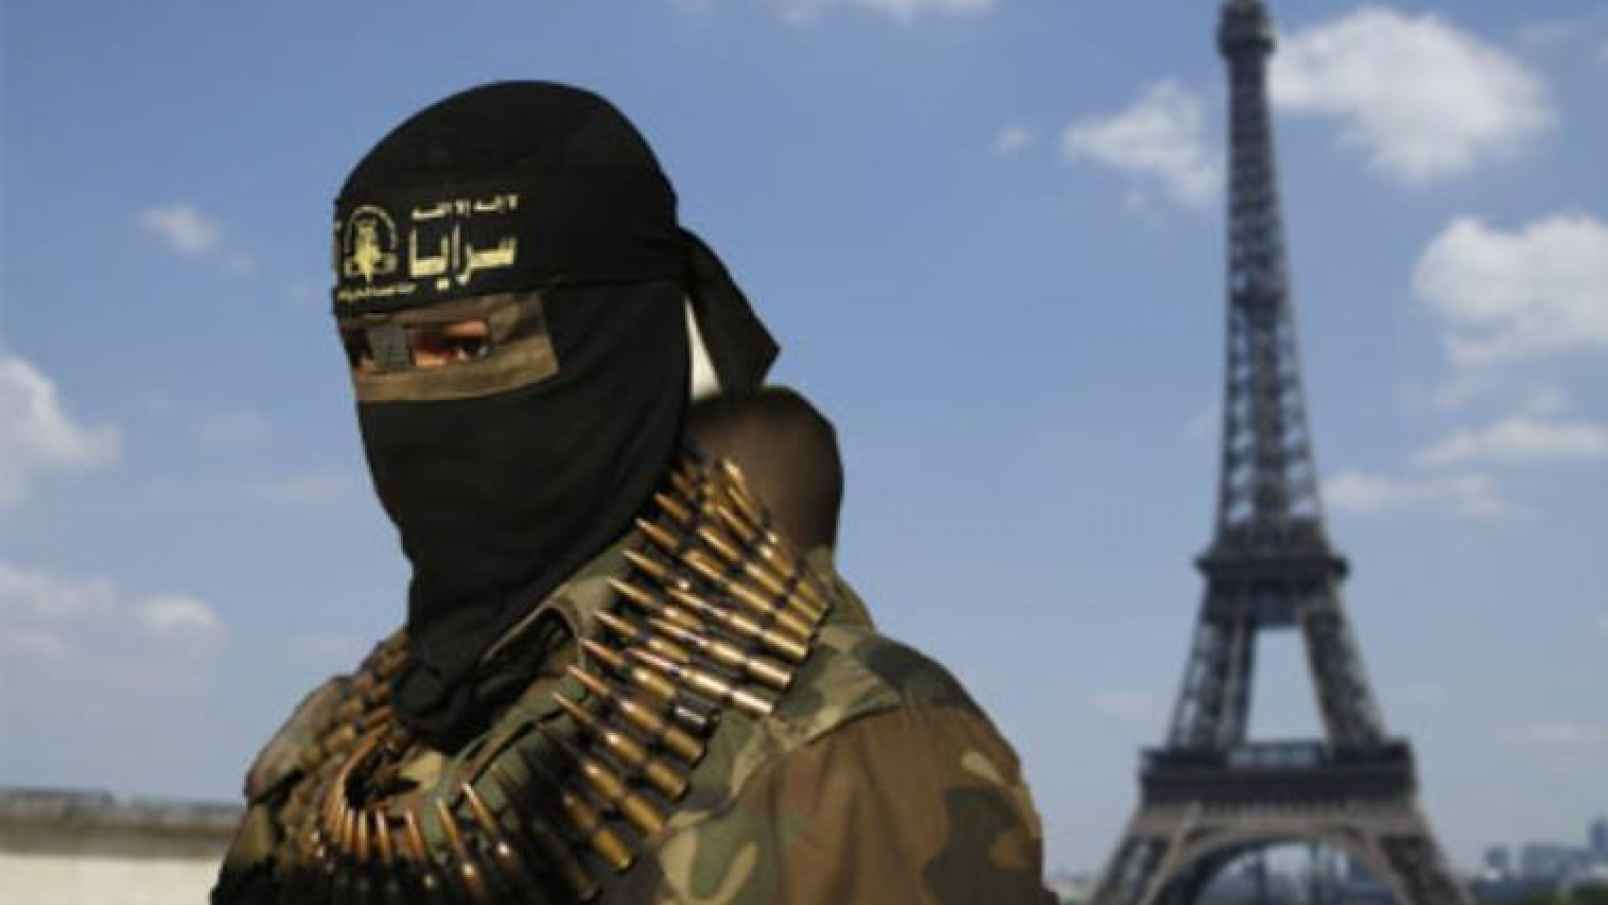 Франции нужны новые методы в борьбе с радикализацией молодежи